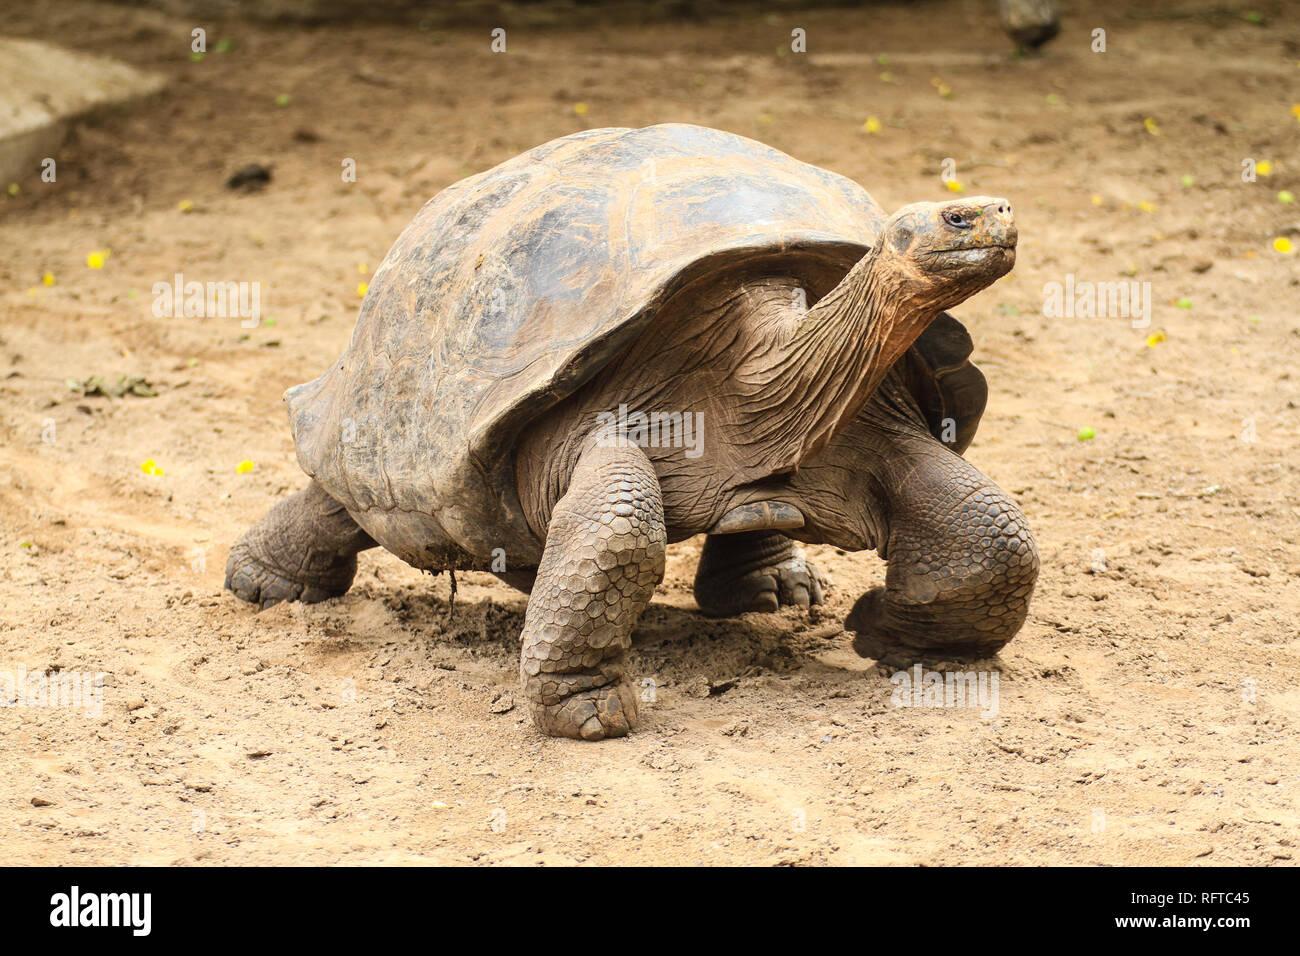 Riesenschildkröte, endemisch in den zu Ecuador gehörenden Galapagos-Inseln im Pazifik Stockbild